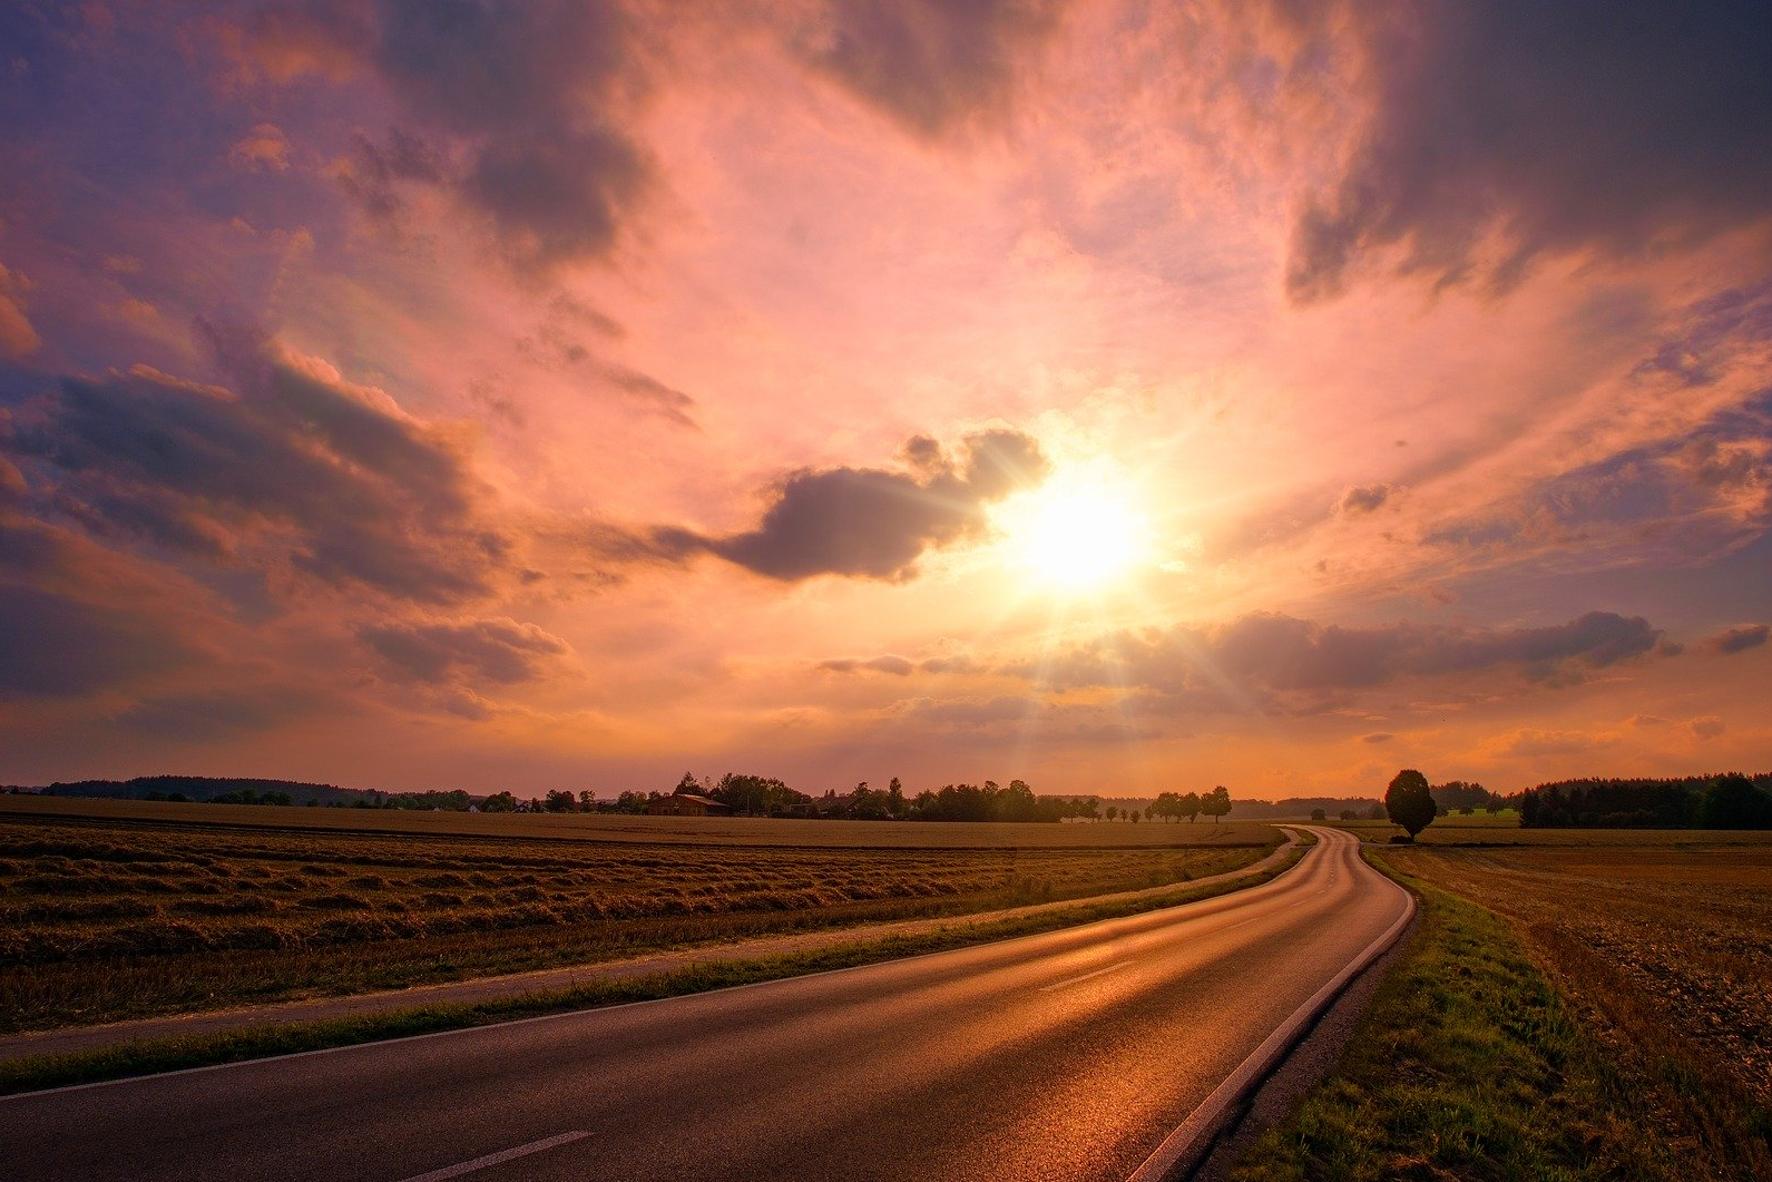 mid Groß-Gerau - Die tiefstehende Sonne ist nicht zu unterschätzen. Pixabay/jplenio